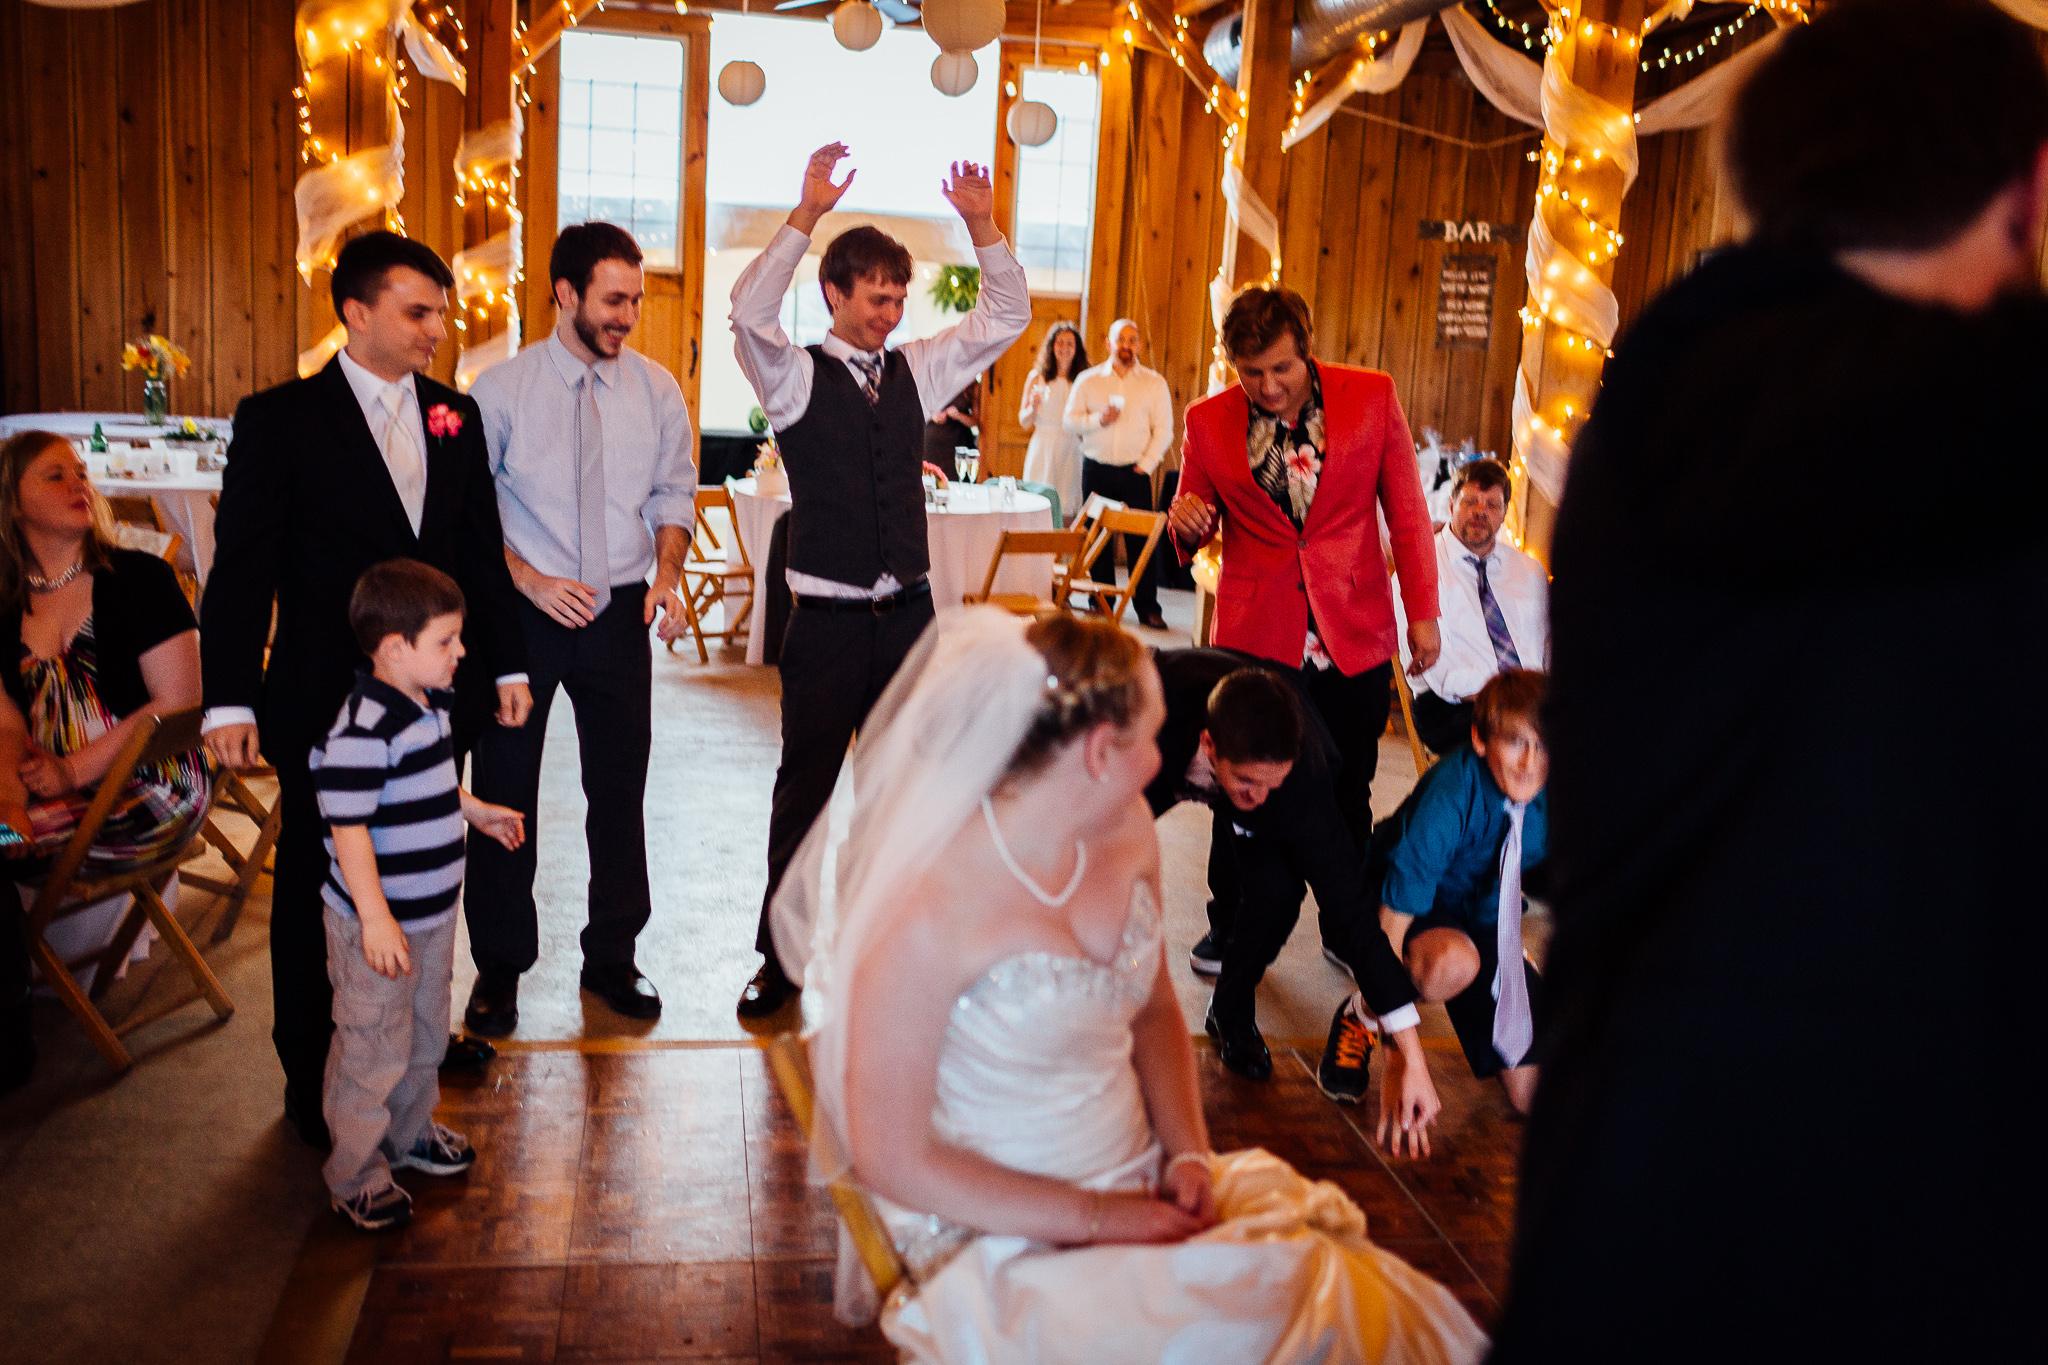 Zac & Miranda's wedding sb-100.jpg